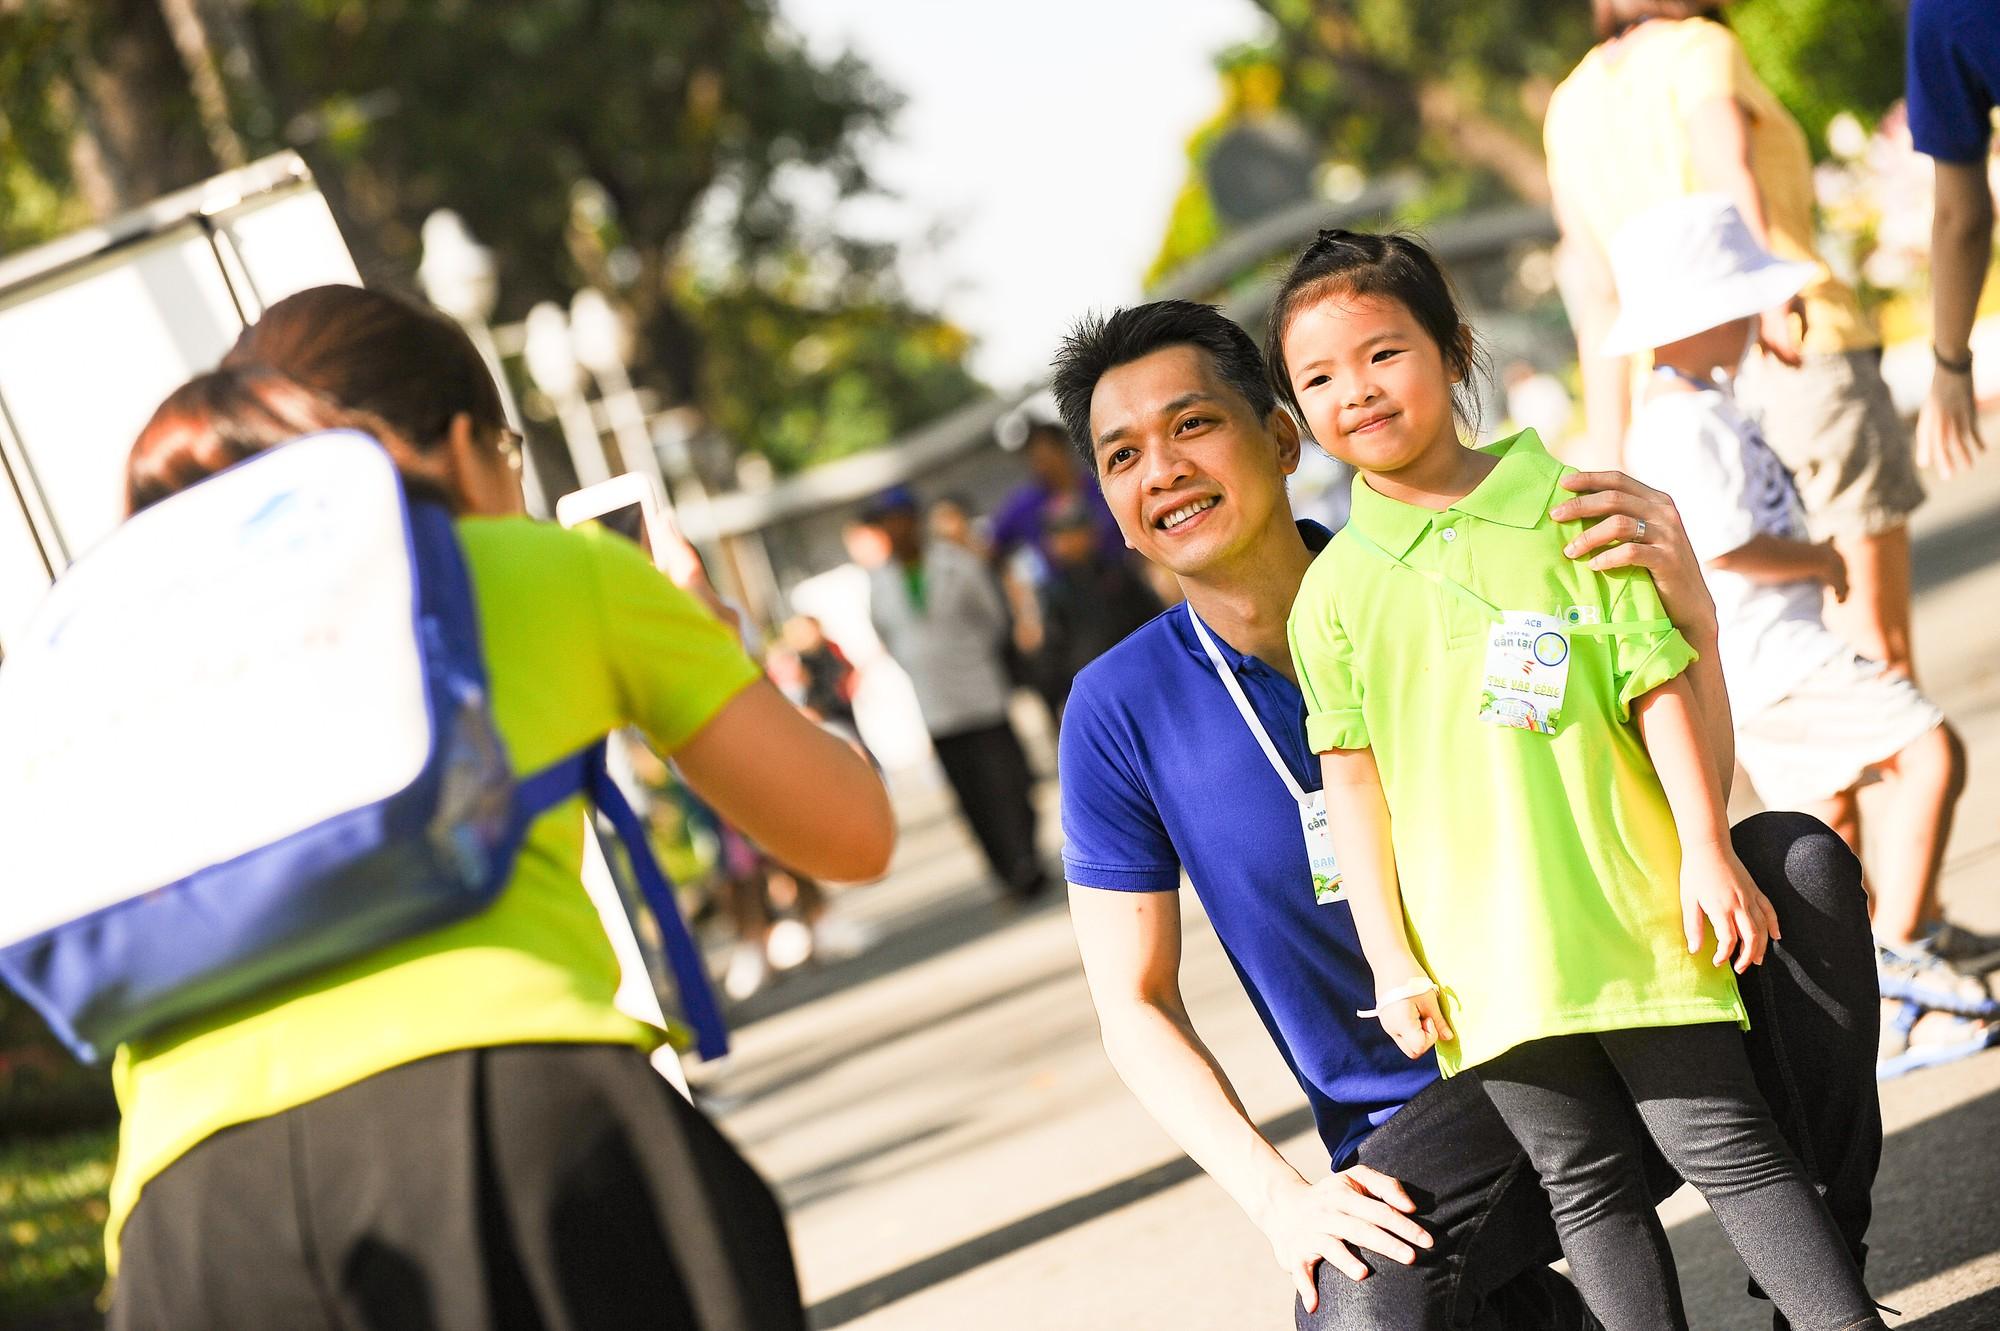 Chủ tịch HĐQT ACB Trần Hùng Huy: Mình không biết nhảy, không biết hát nhưng có thể học và không sợ quê! - Ảnh 13.